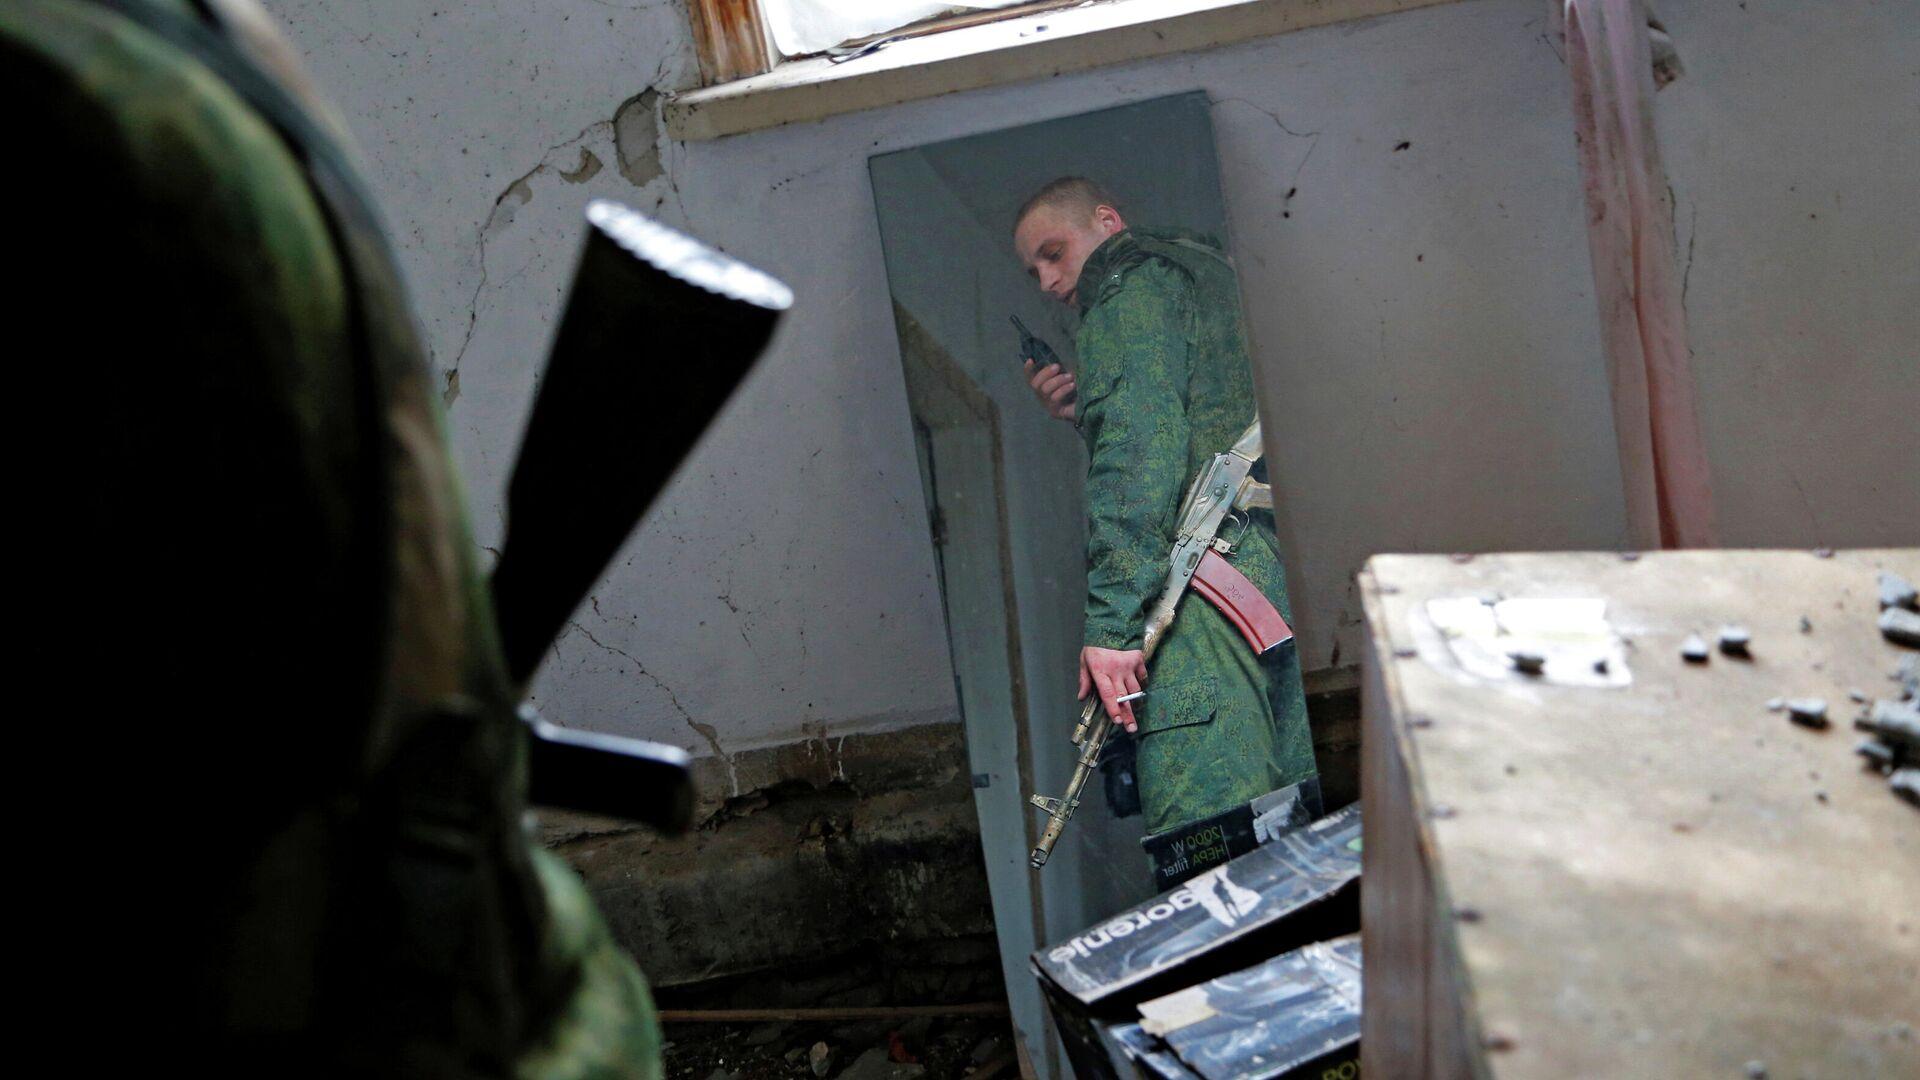 ВСУ разместили технику в жилом районе в Донбассе, заявили в ЛНР